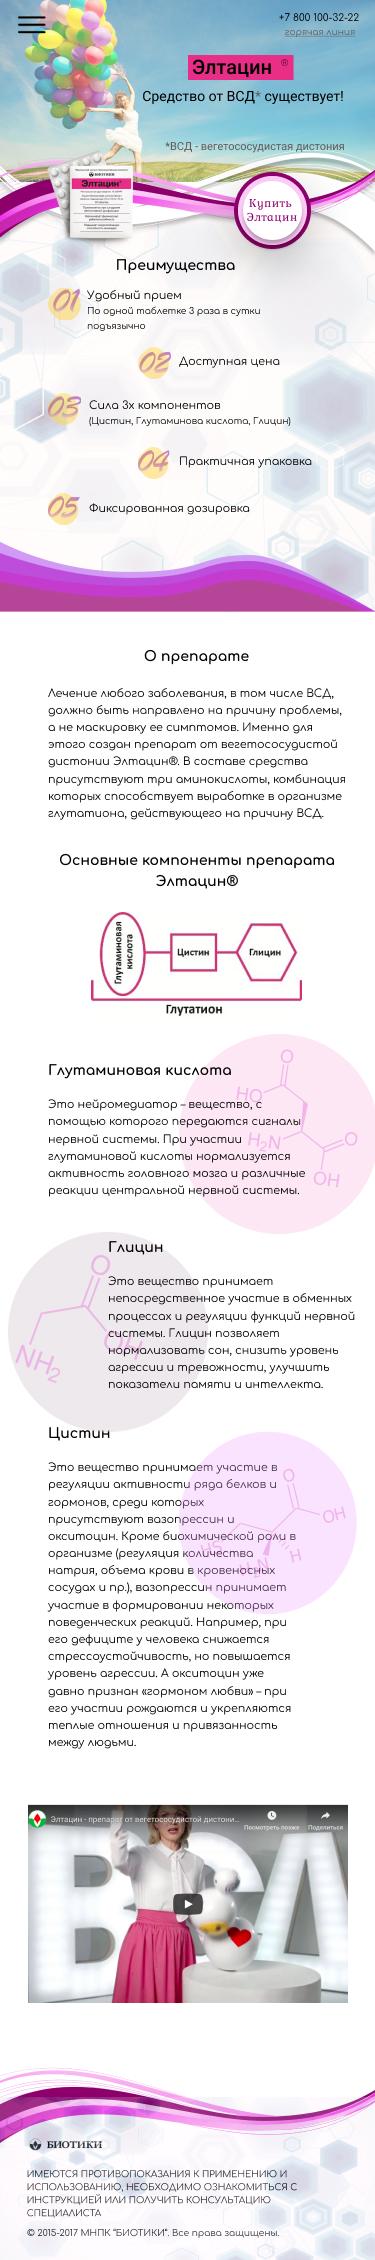 Дизайн главной страницы сайта лекарственного препарата фото f_6215c90dc11ea616.jpg